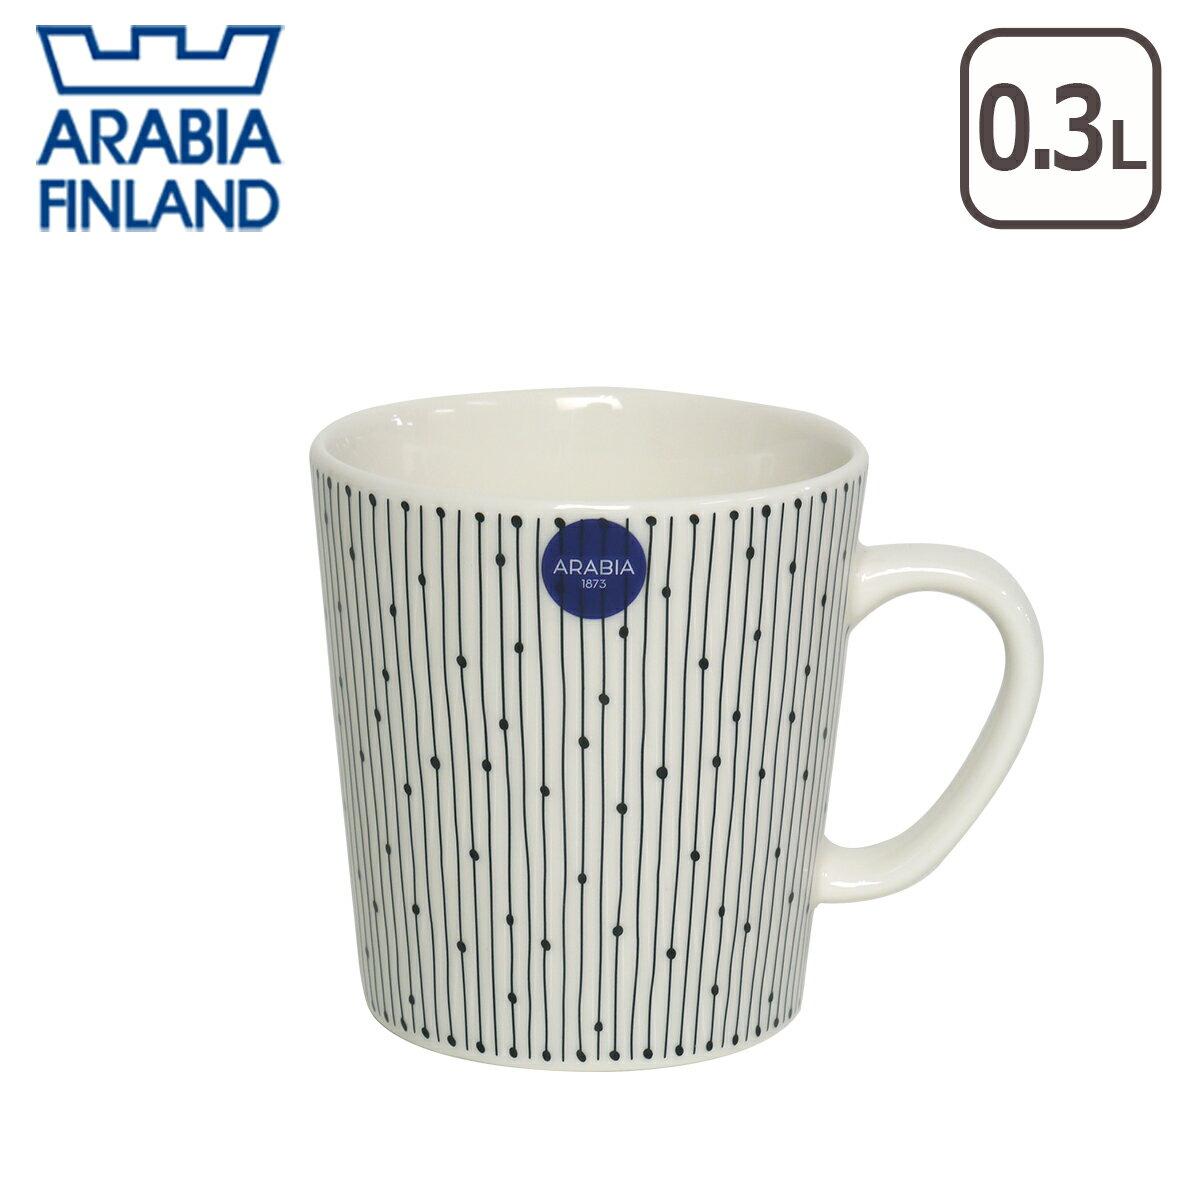 【Max1,000円OFFクーポン】アラビア(Arabia) マイニオ(Mainio) SARASTUS マグ 0.3L 北欧 フィンランド 食器 Arabia 食器洗い機 対応 ギフト・のし可 GF1